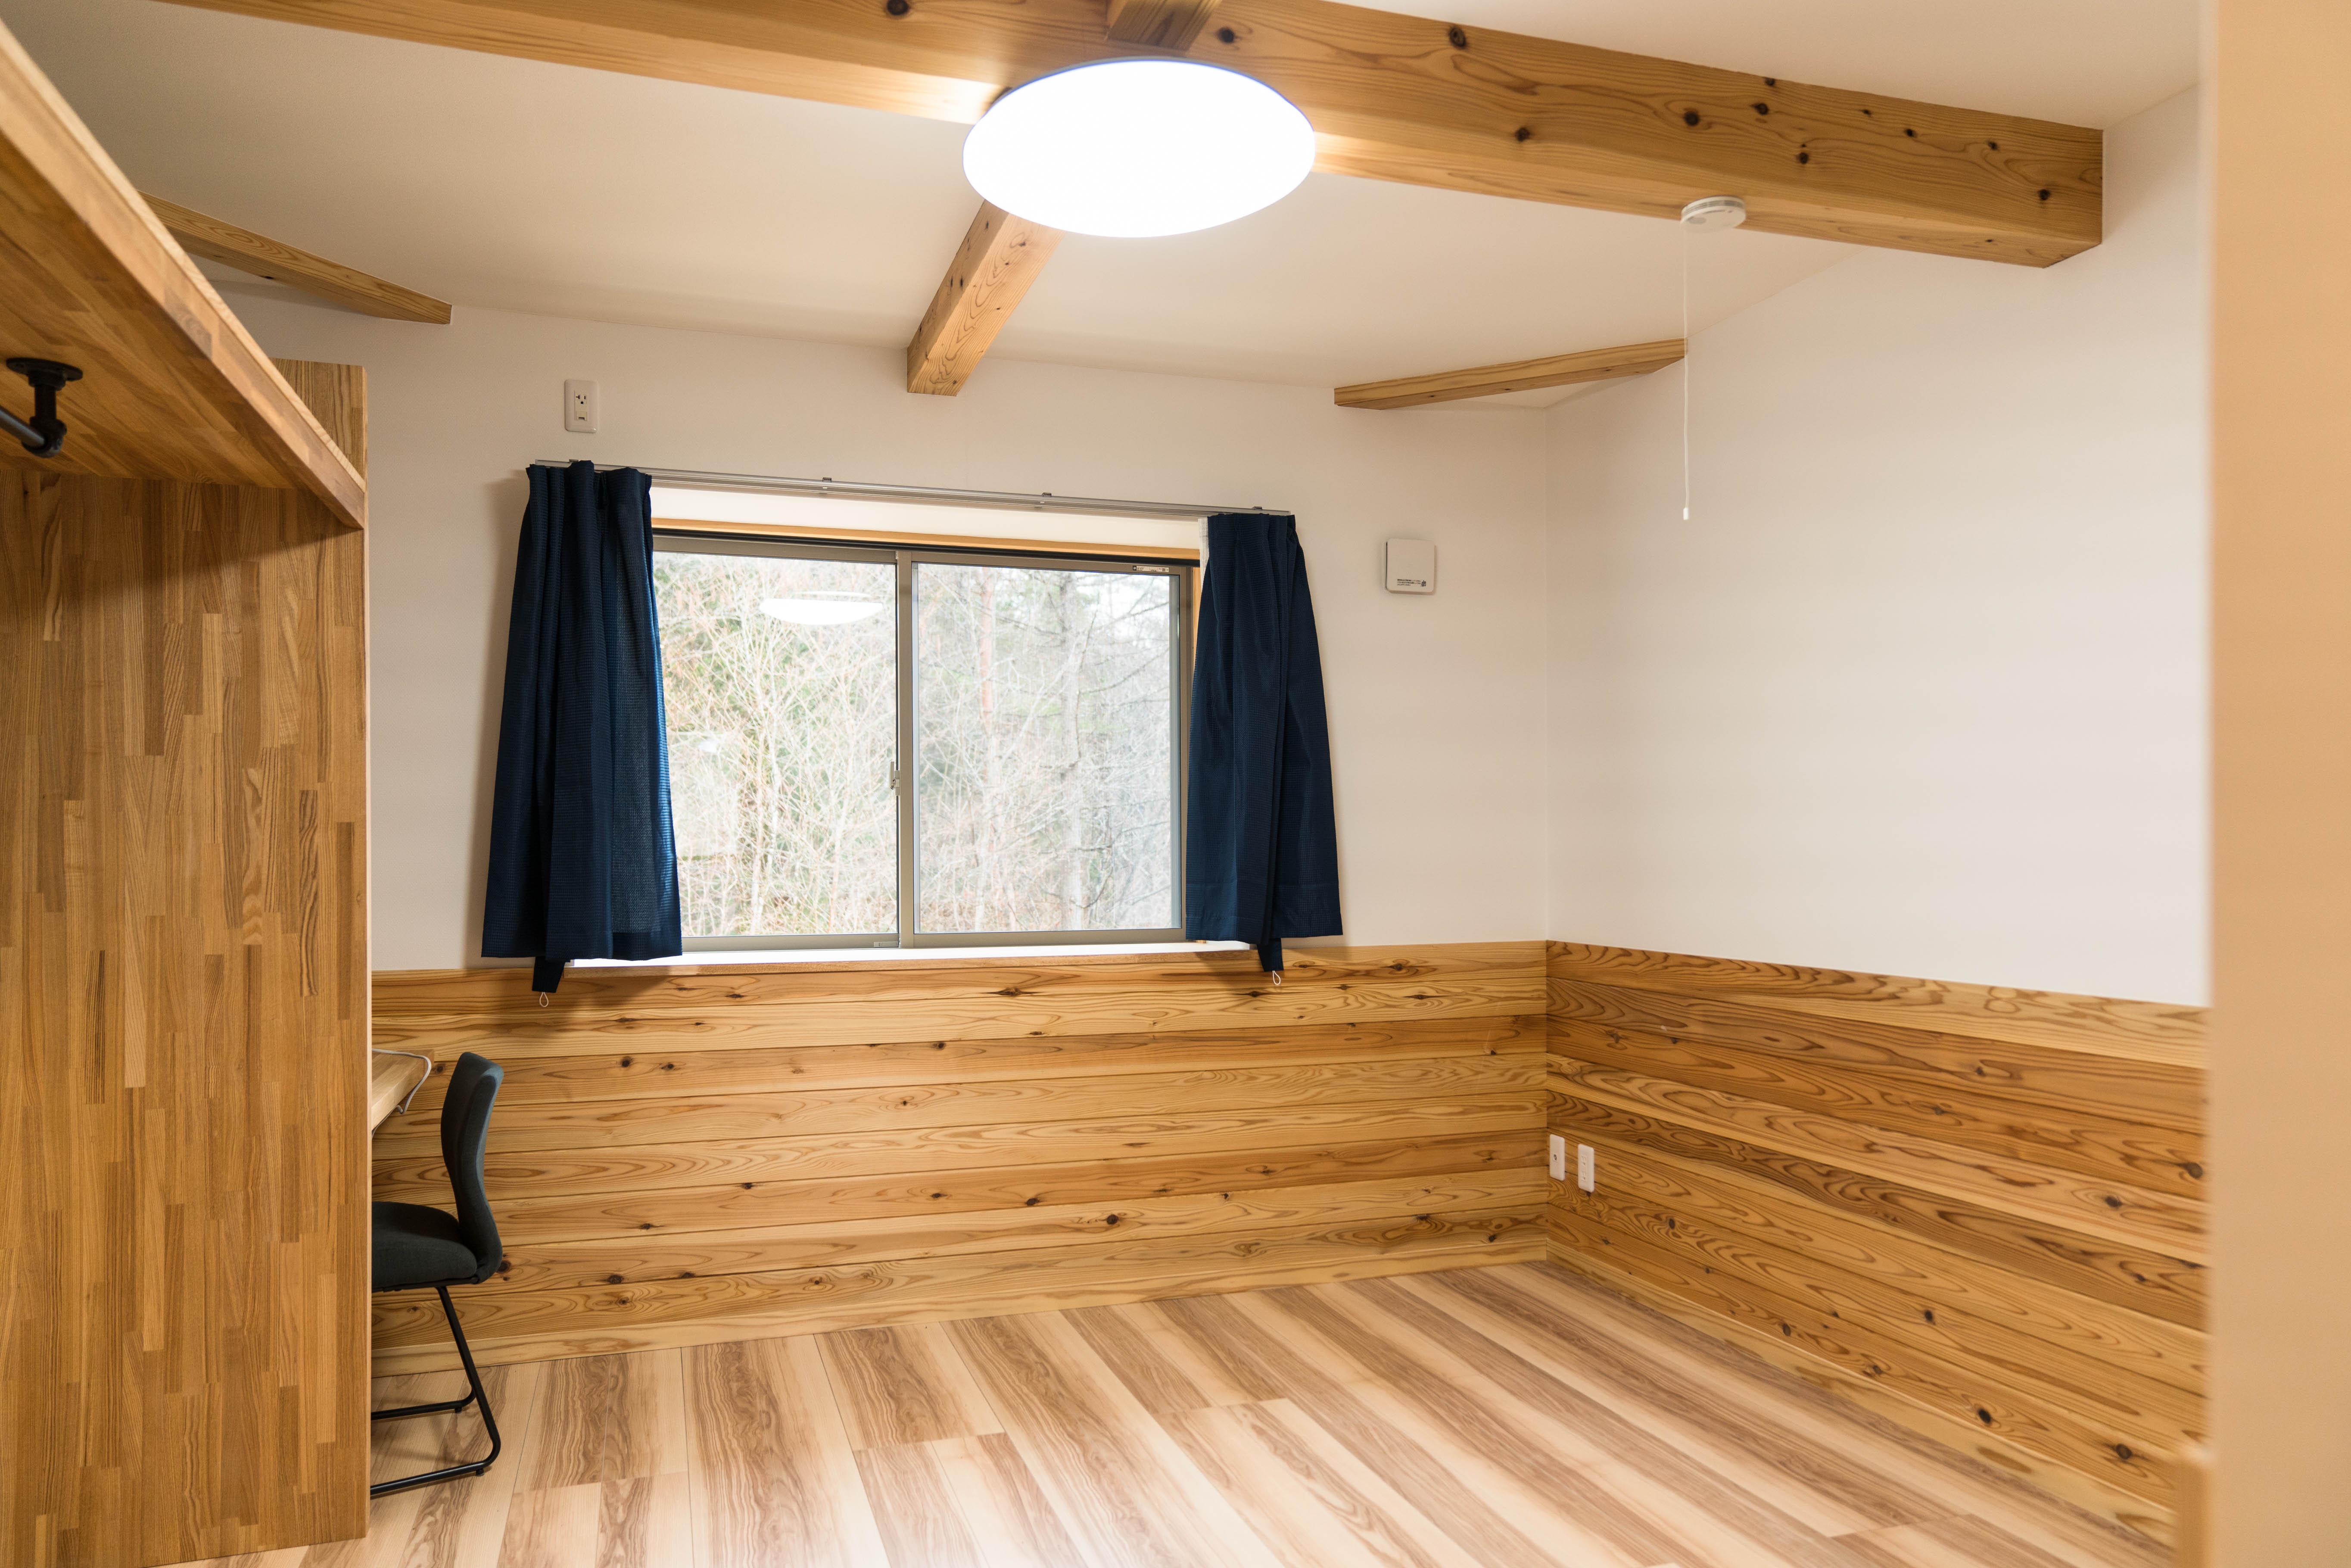 こちらは、今回の参加者が宿泊した根羽杉で建てられたシェアハウス。地域おこし協力隊の住まいとしても活用可能。